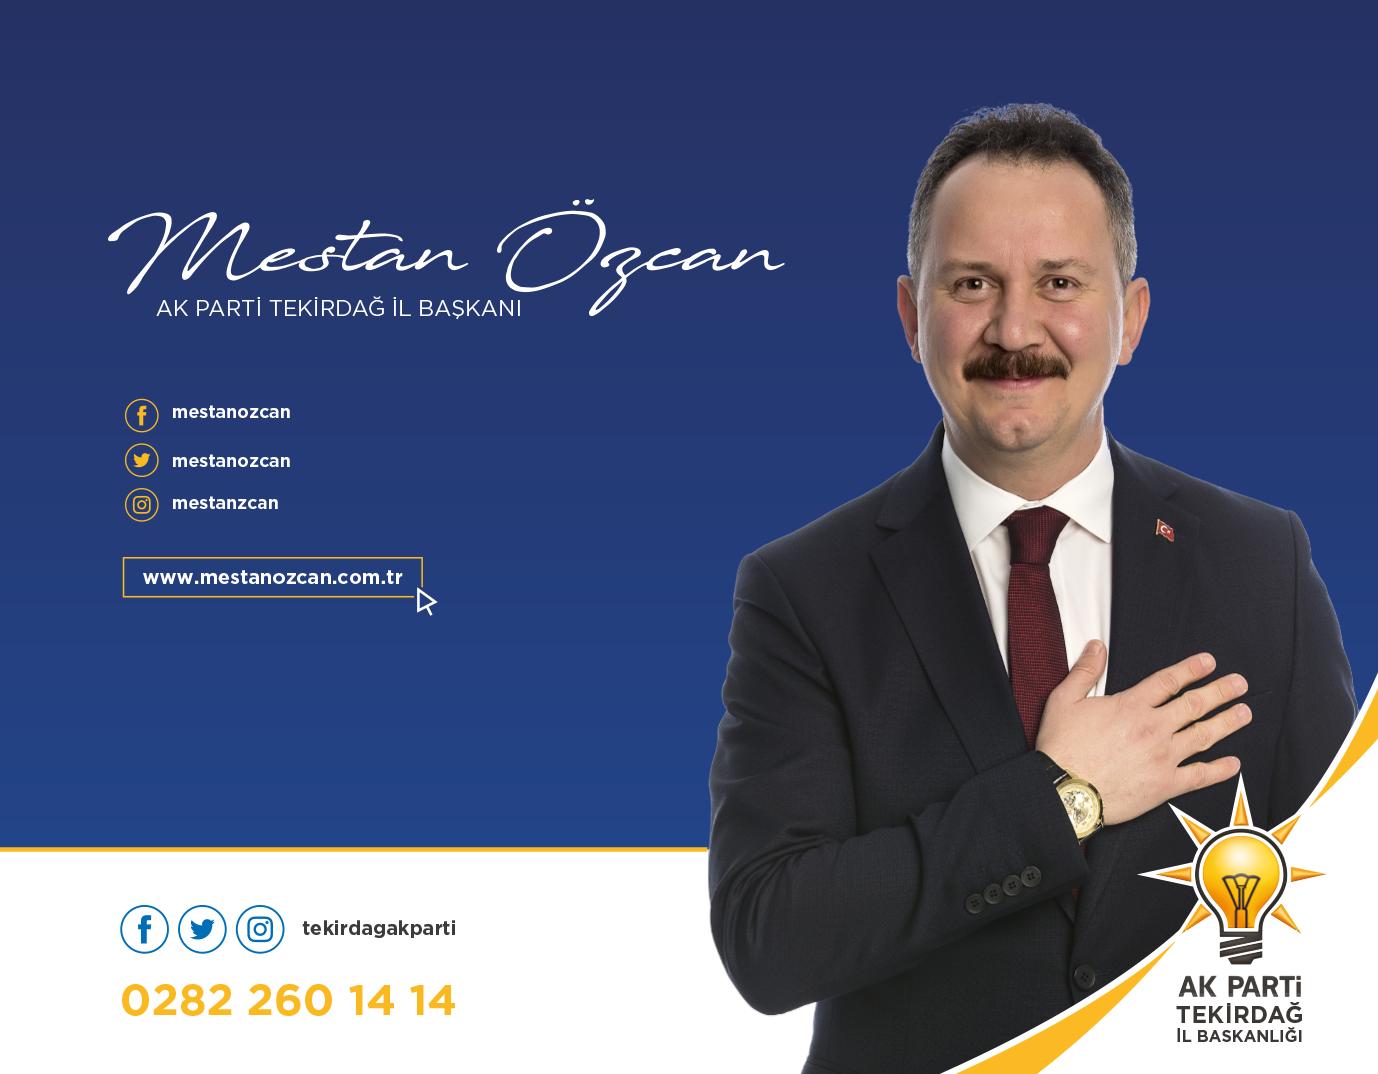 Ak Parti Tekirdağ İl Başkanı Mestan Özcan Yeni Yıl Mesajı